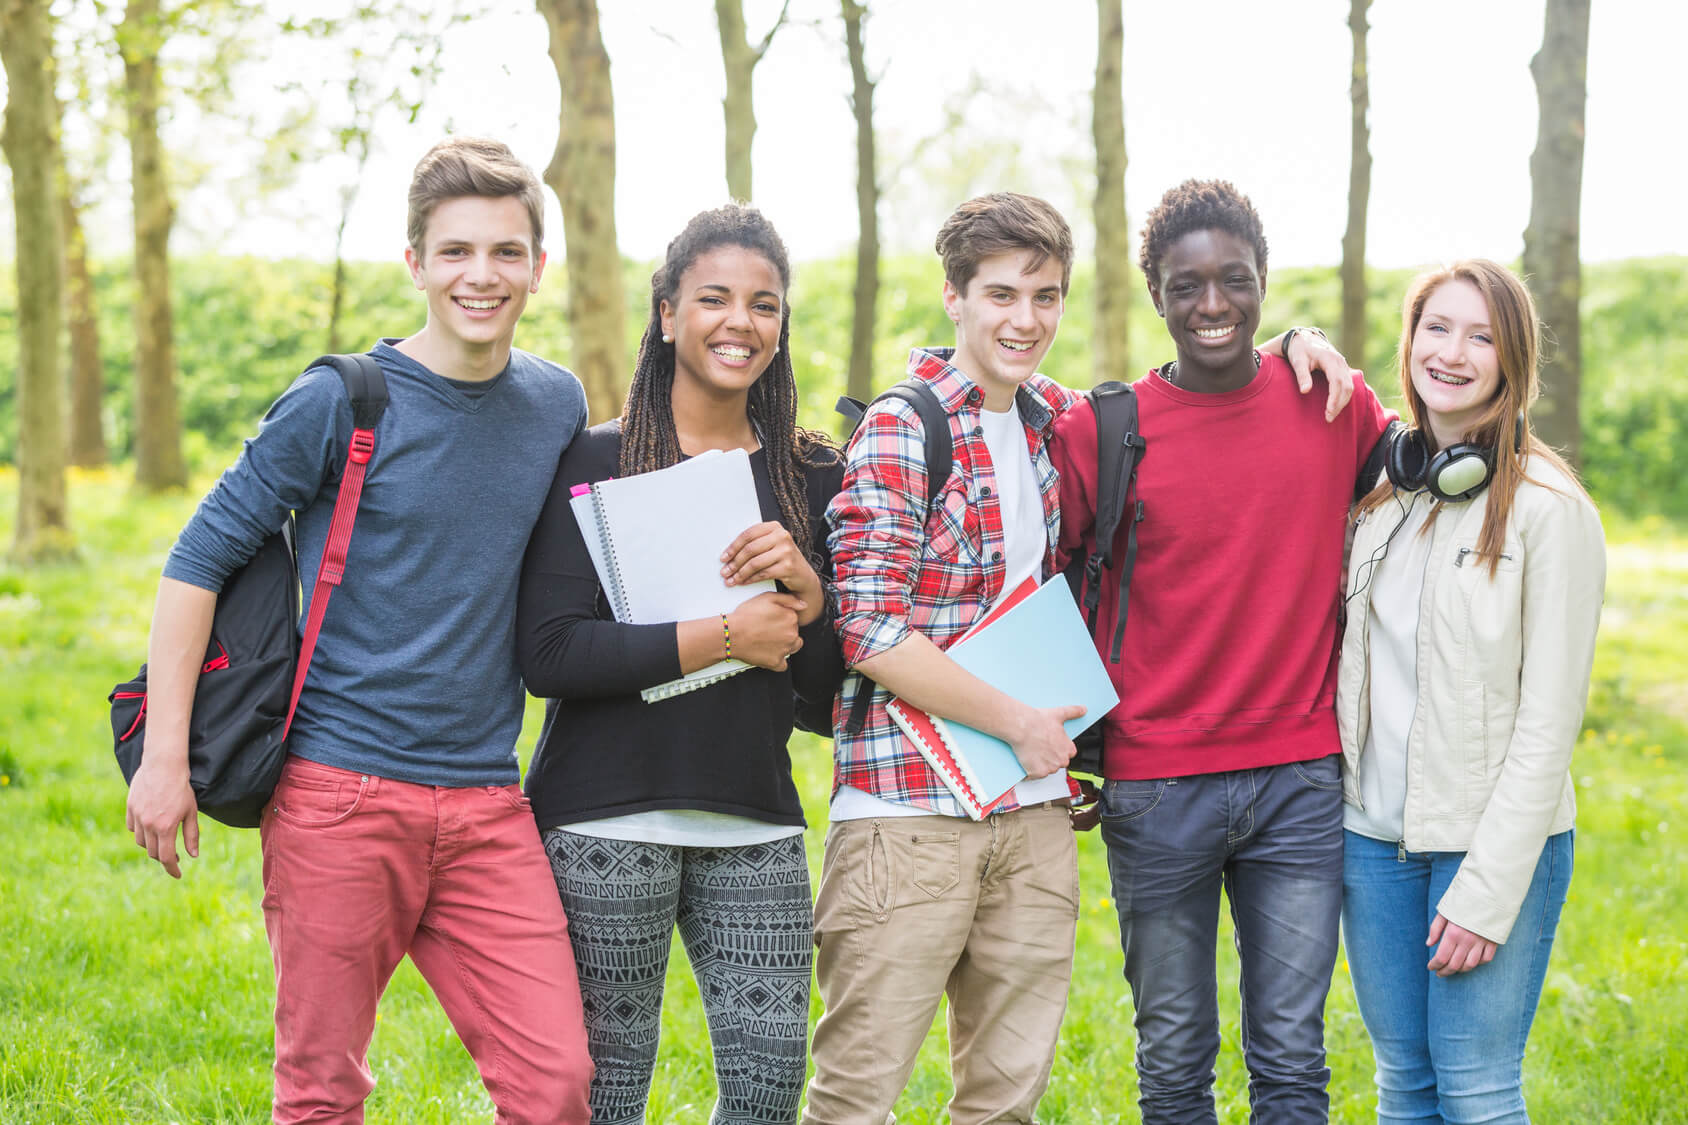 Adolescência e puberdade: mudanças físicas